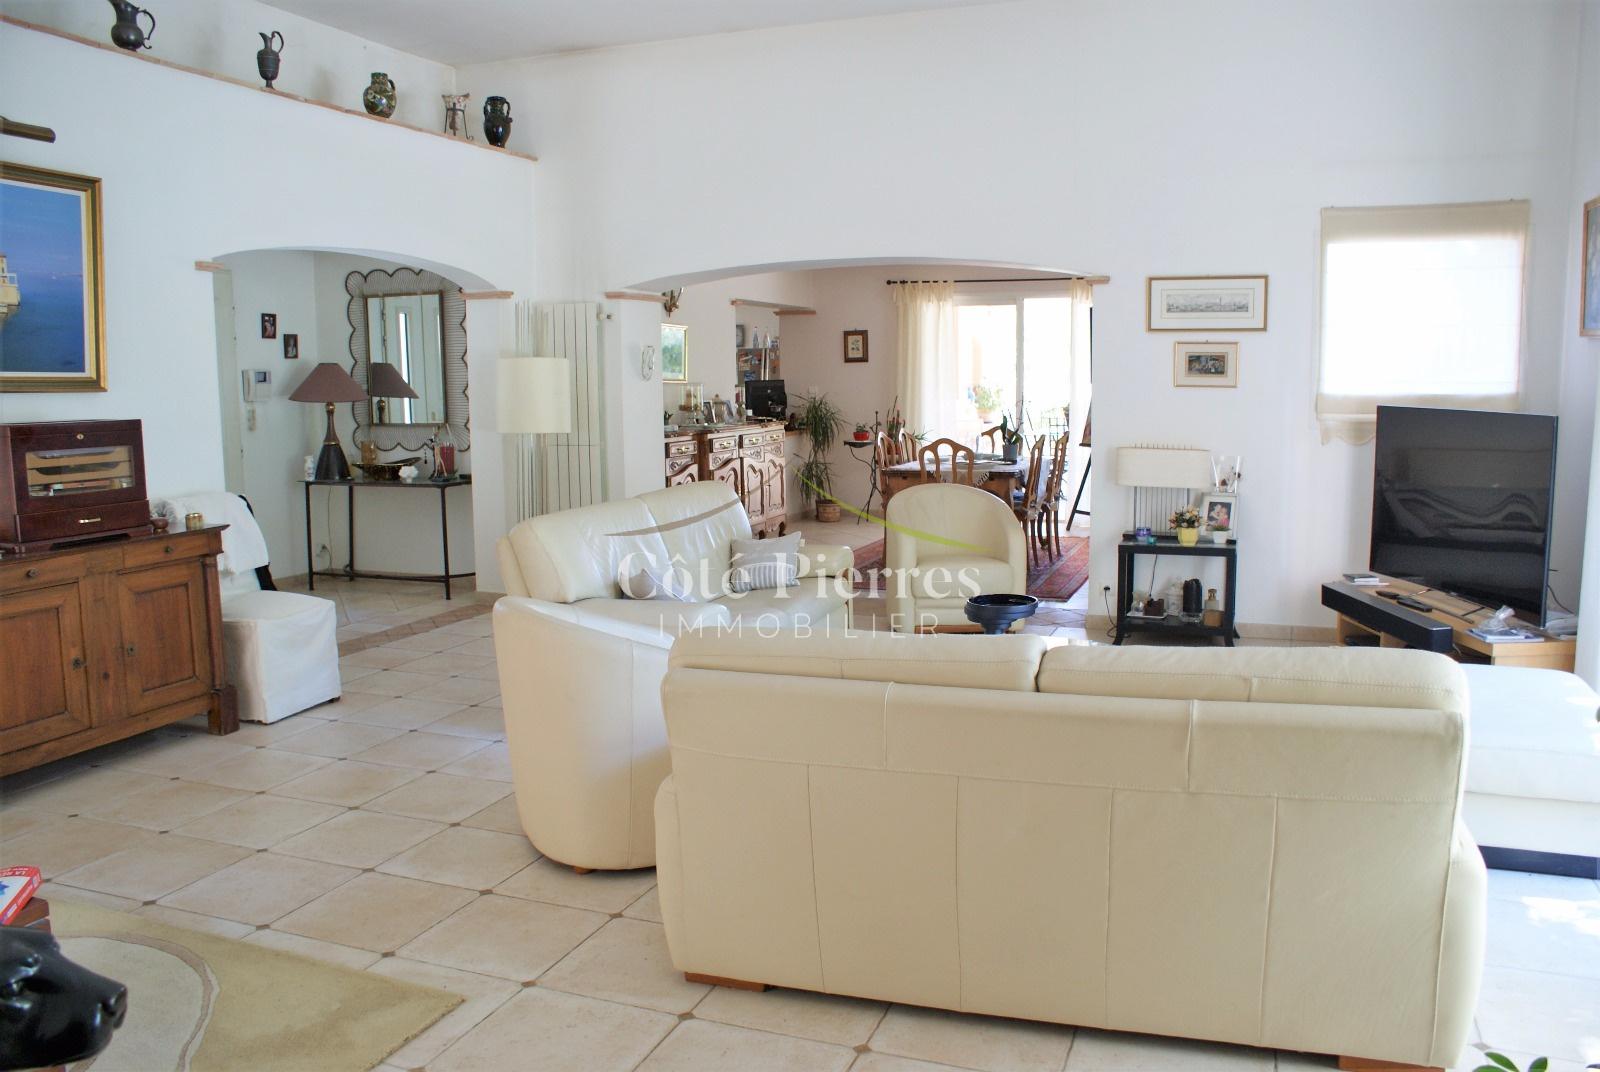 annonce maison villa 6 pieces castelnau le lez vente. Black Bedroom Furniture Sets. Home Design Ideas